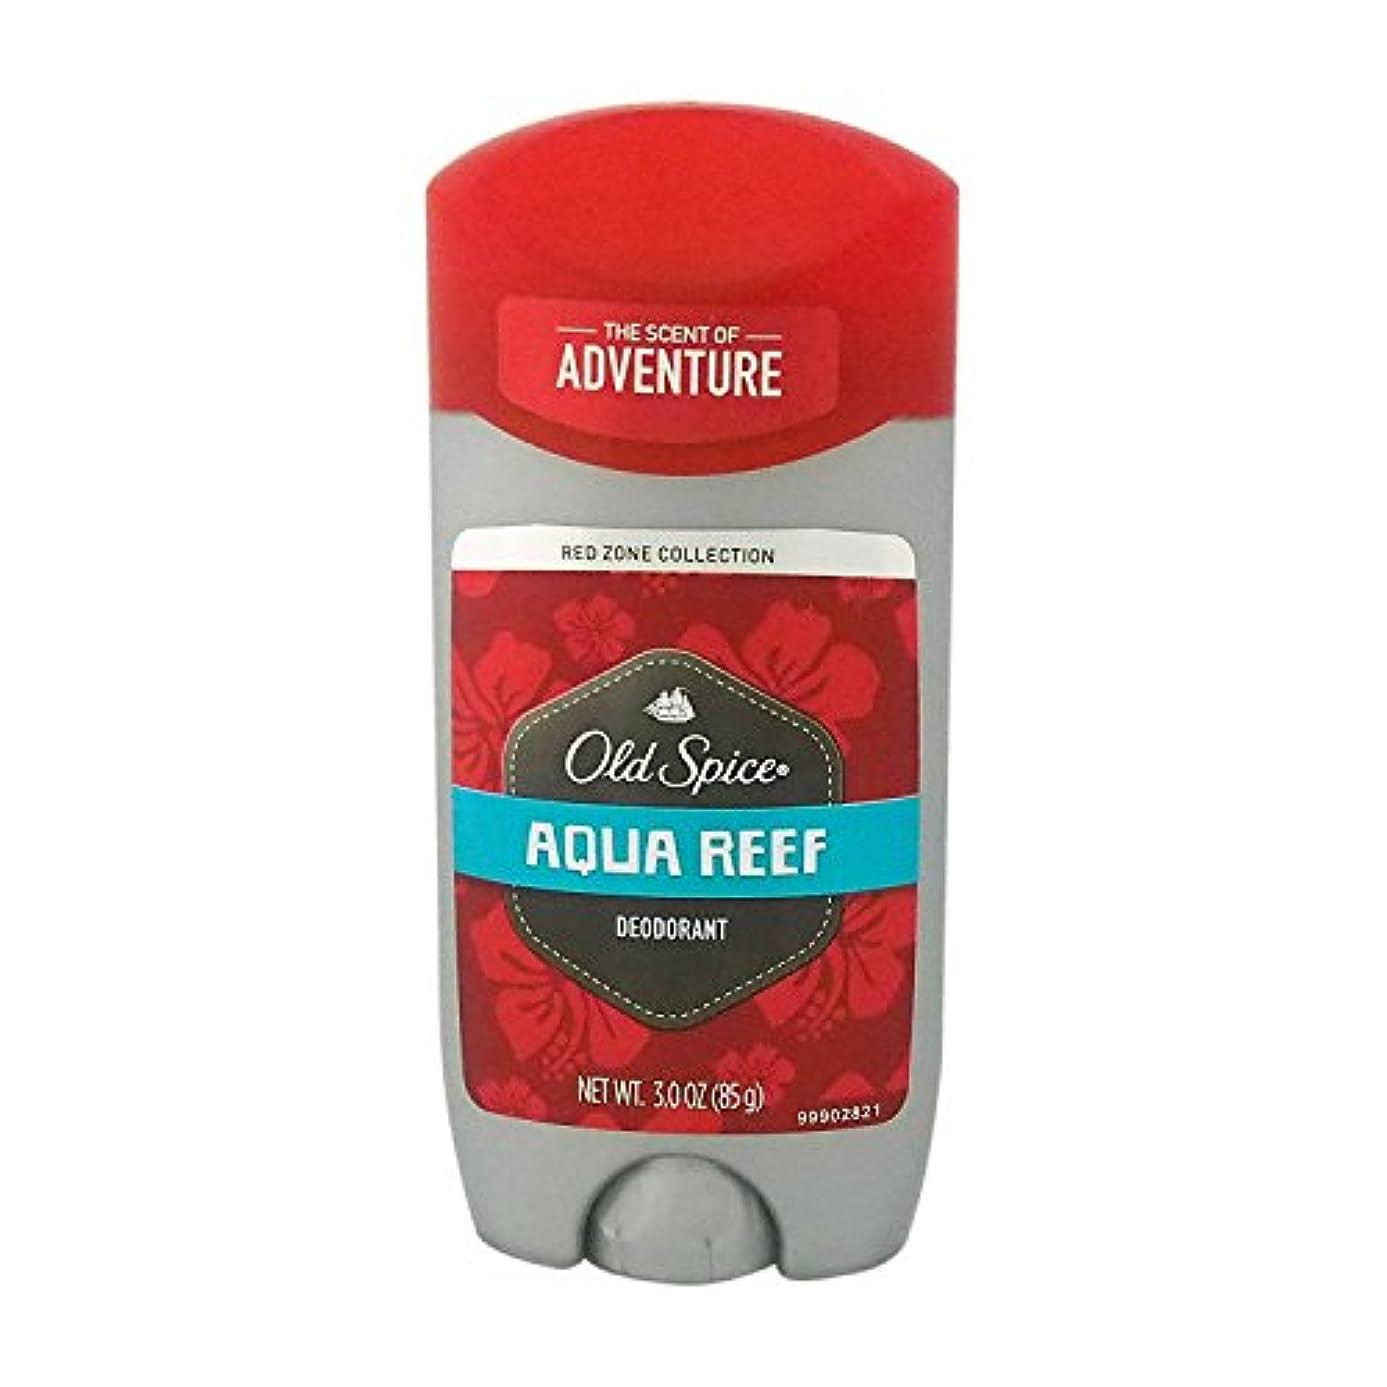 ヒューバートハドソン抑圧友情オールドスパイス(Old Spice) RED ZONE COLLECTION アクアリーフ デオドラント 85g[並行輸入品]